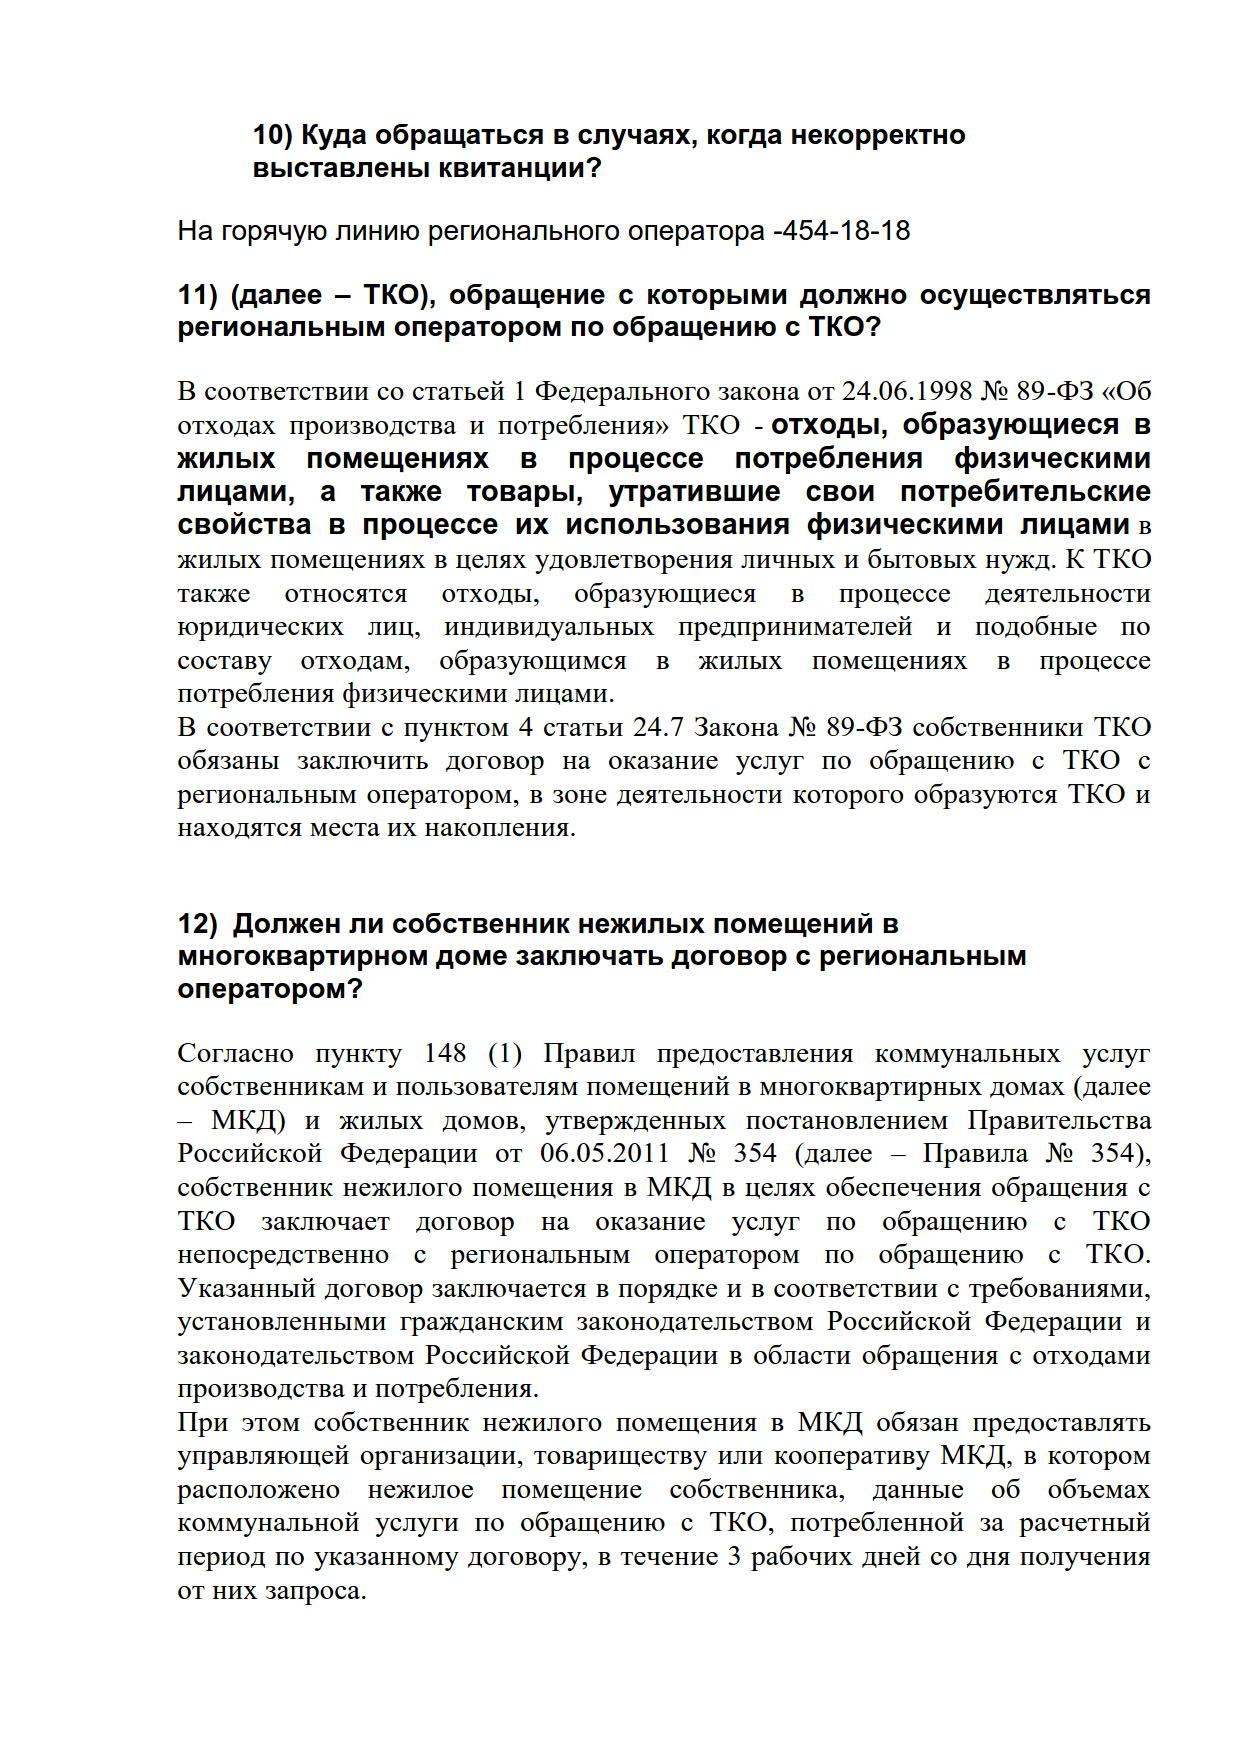 Общая информация по реформе_5